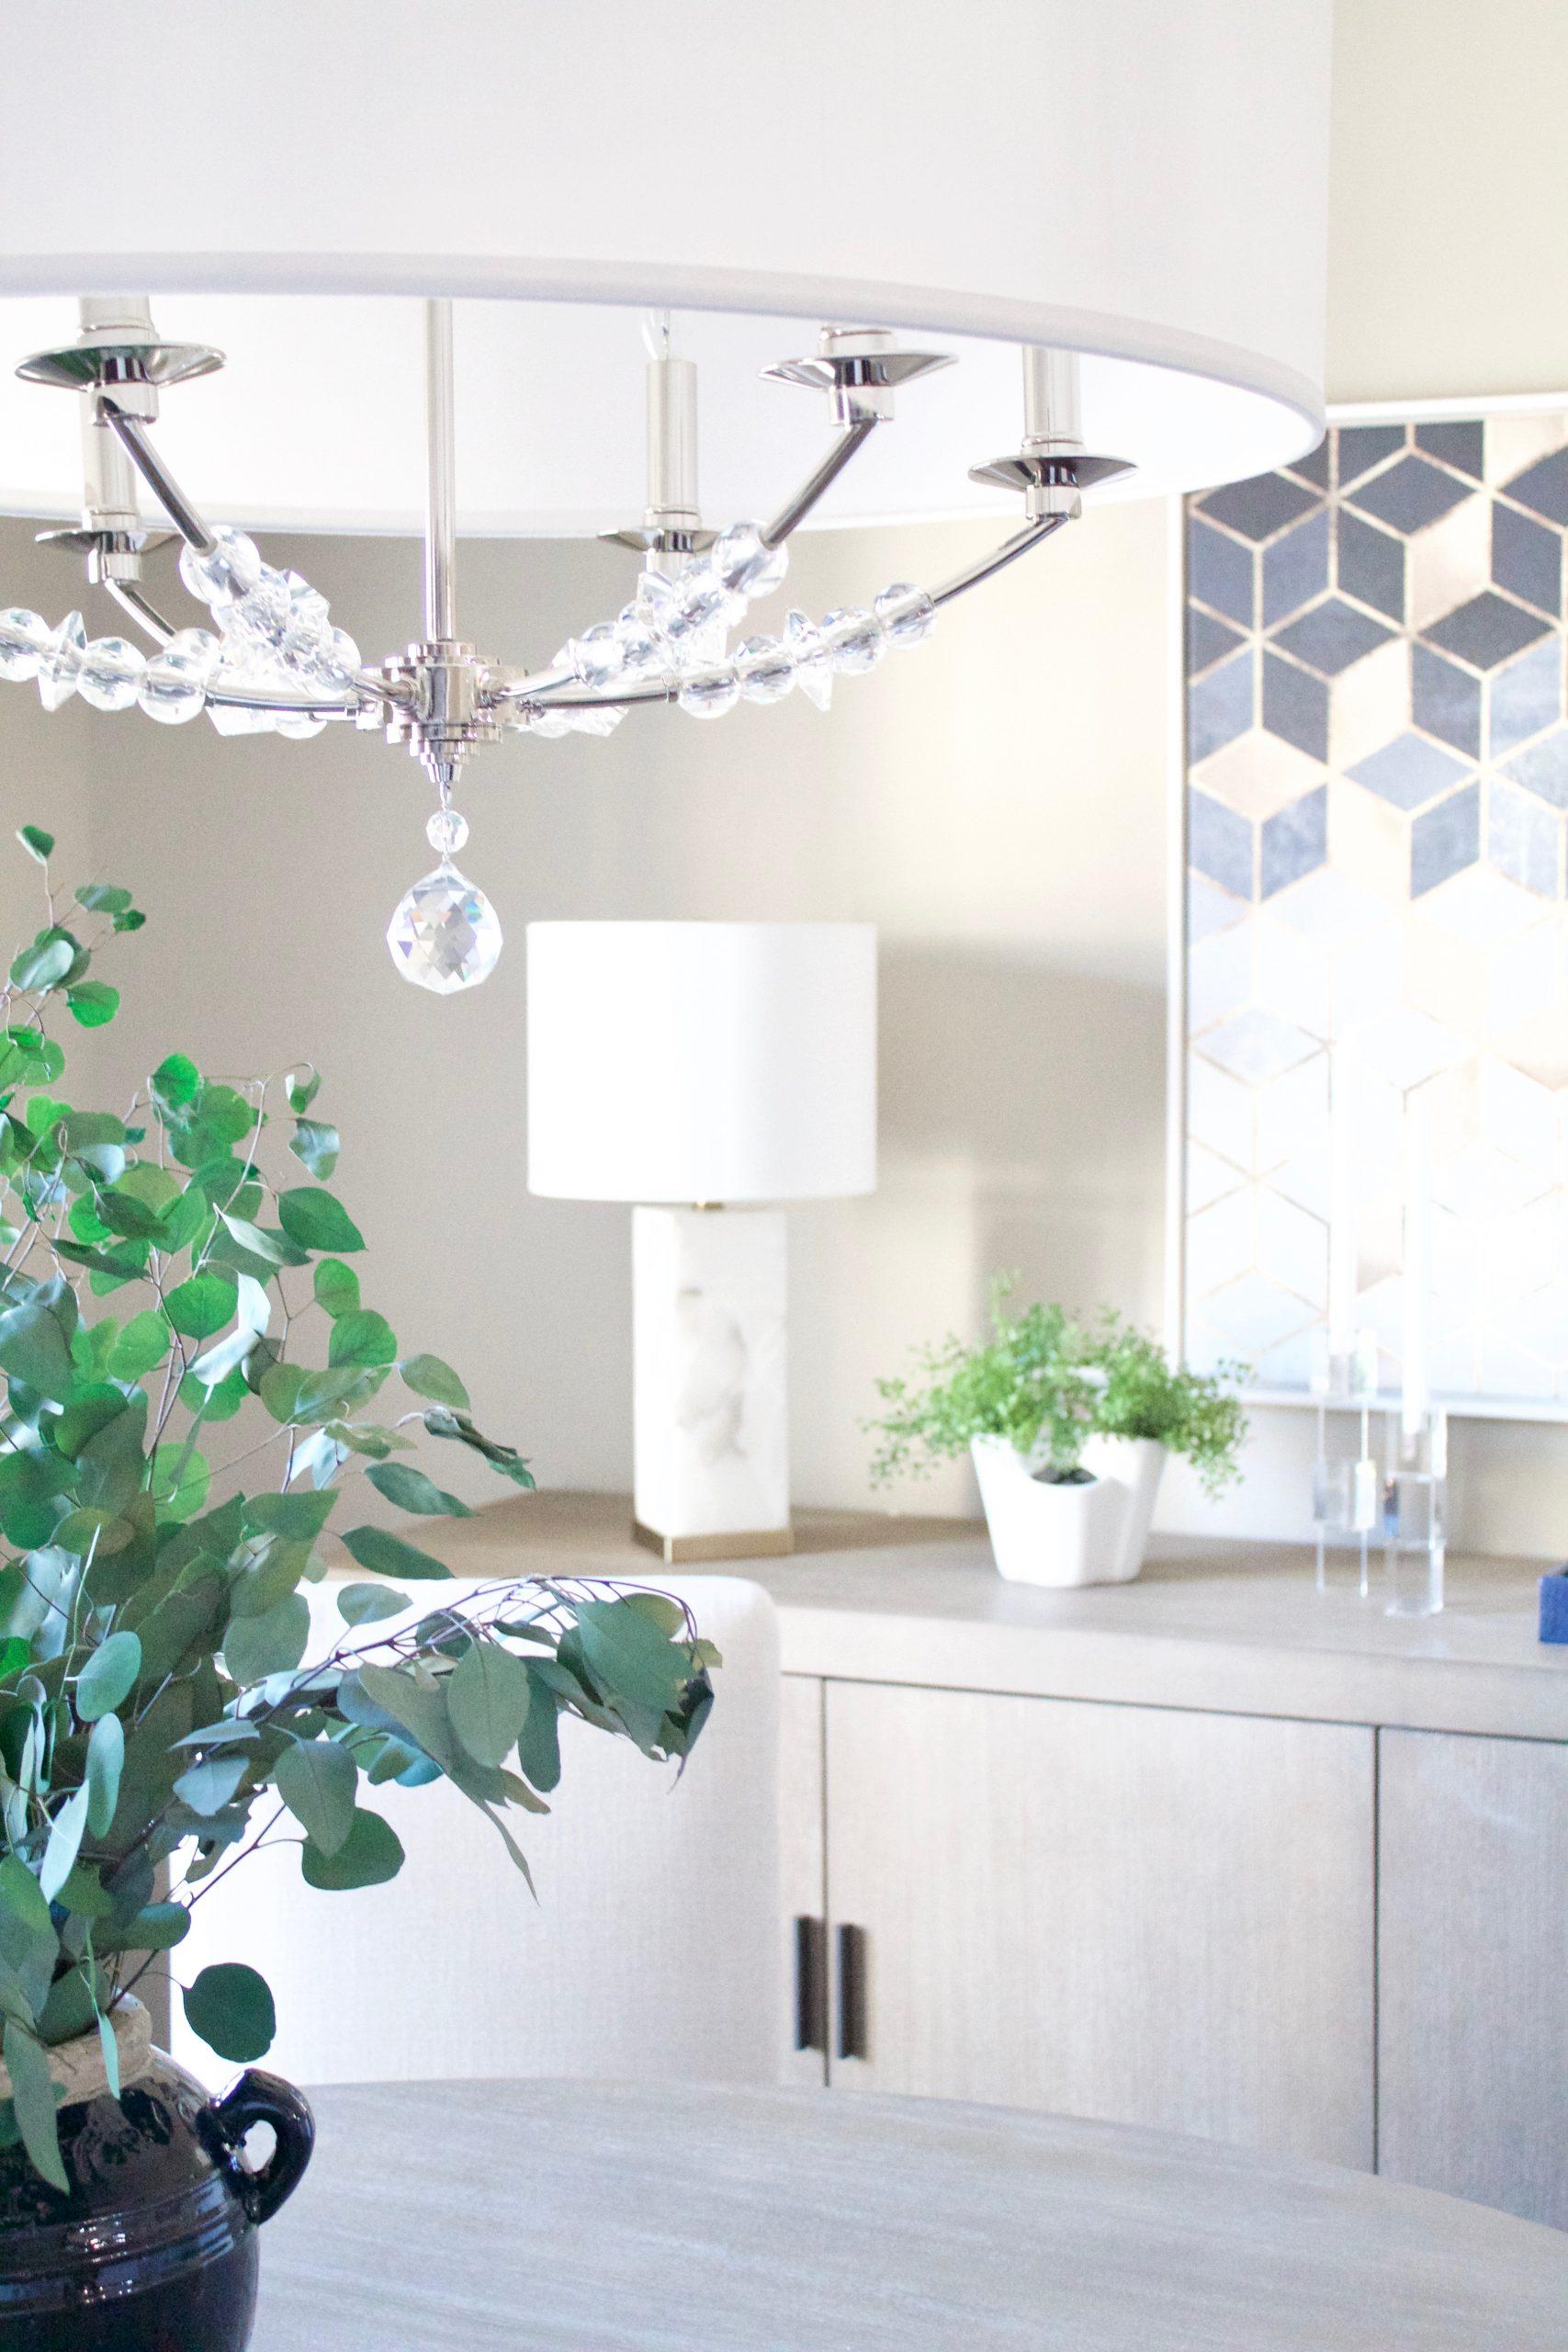 Antioch, Tennessee Interior Design Dining Room Lighting